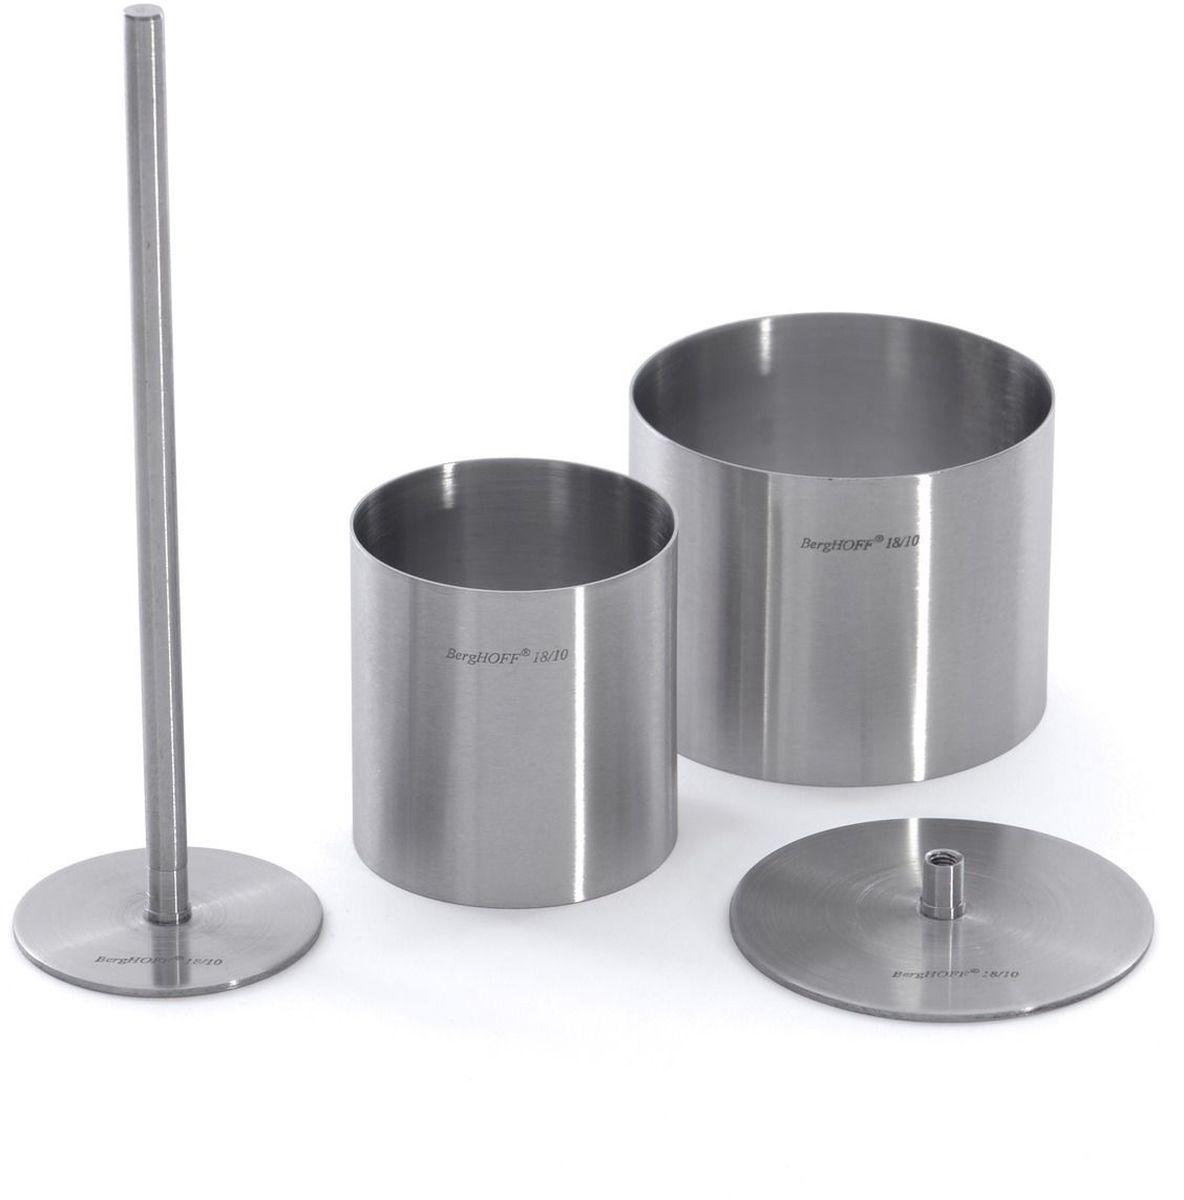 Набор формовочных колец для укладки пищи BergHOFF, 15 предметов1109107Набор формовочных колец для укладки пищи- отличный выбор как для домашней, так и для профессиональной кухни.Оправа для сервировки блюд - вид формочек без дна, предназначенной для сервировки блюд в виде башни.Используя такие оправы всегда можно придать закускам, салатам, основным блюдам или десертам праздничный вид.Оправы изготовляются из нержавеющей стали 18/10 без каких-либо швов, в которые могла бы забиться пища. Этот материал долговечный и не подвержен коррозии, поверхность износостойка, гигиенична и легко поддается очистке.Состав набора:- шесть круглых оправ 7,5 х 6 см.,- шесть круглых оправ 5,5 х 6 см.,- один круглый пресс диаметром 7 см.,- один круглый пресс диаметром 5 см.,- один стержень длиной 16 см.